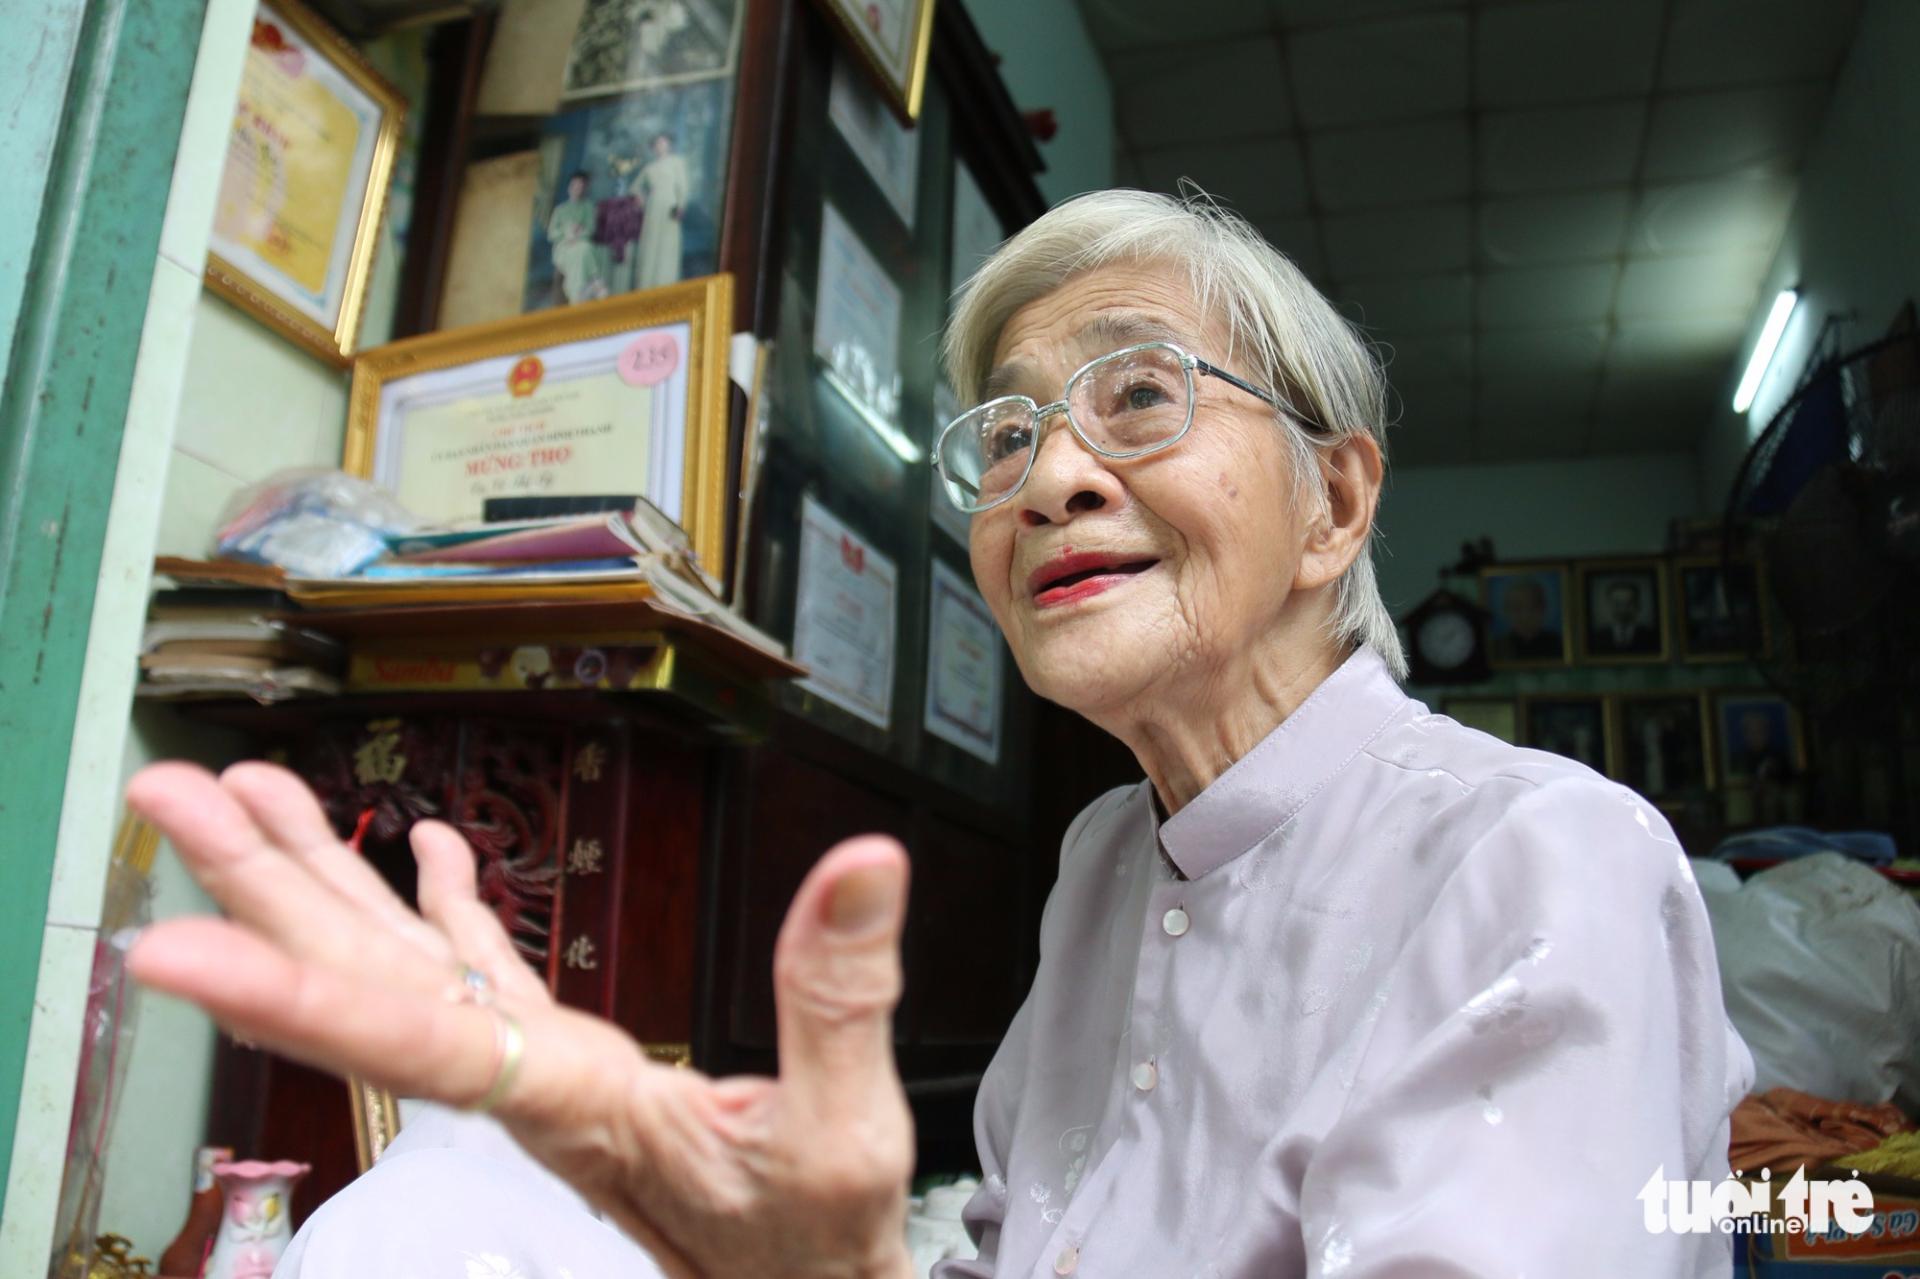 Hồ sơ Đời... rác - Kỳ cuối: Ký ức đất Sở Thùng ở Sài Gòn - Ảnh 4.